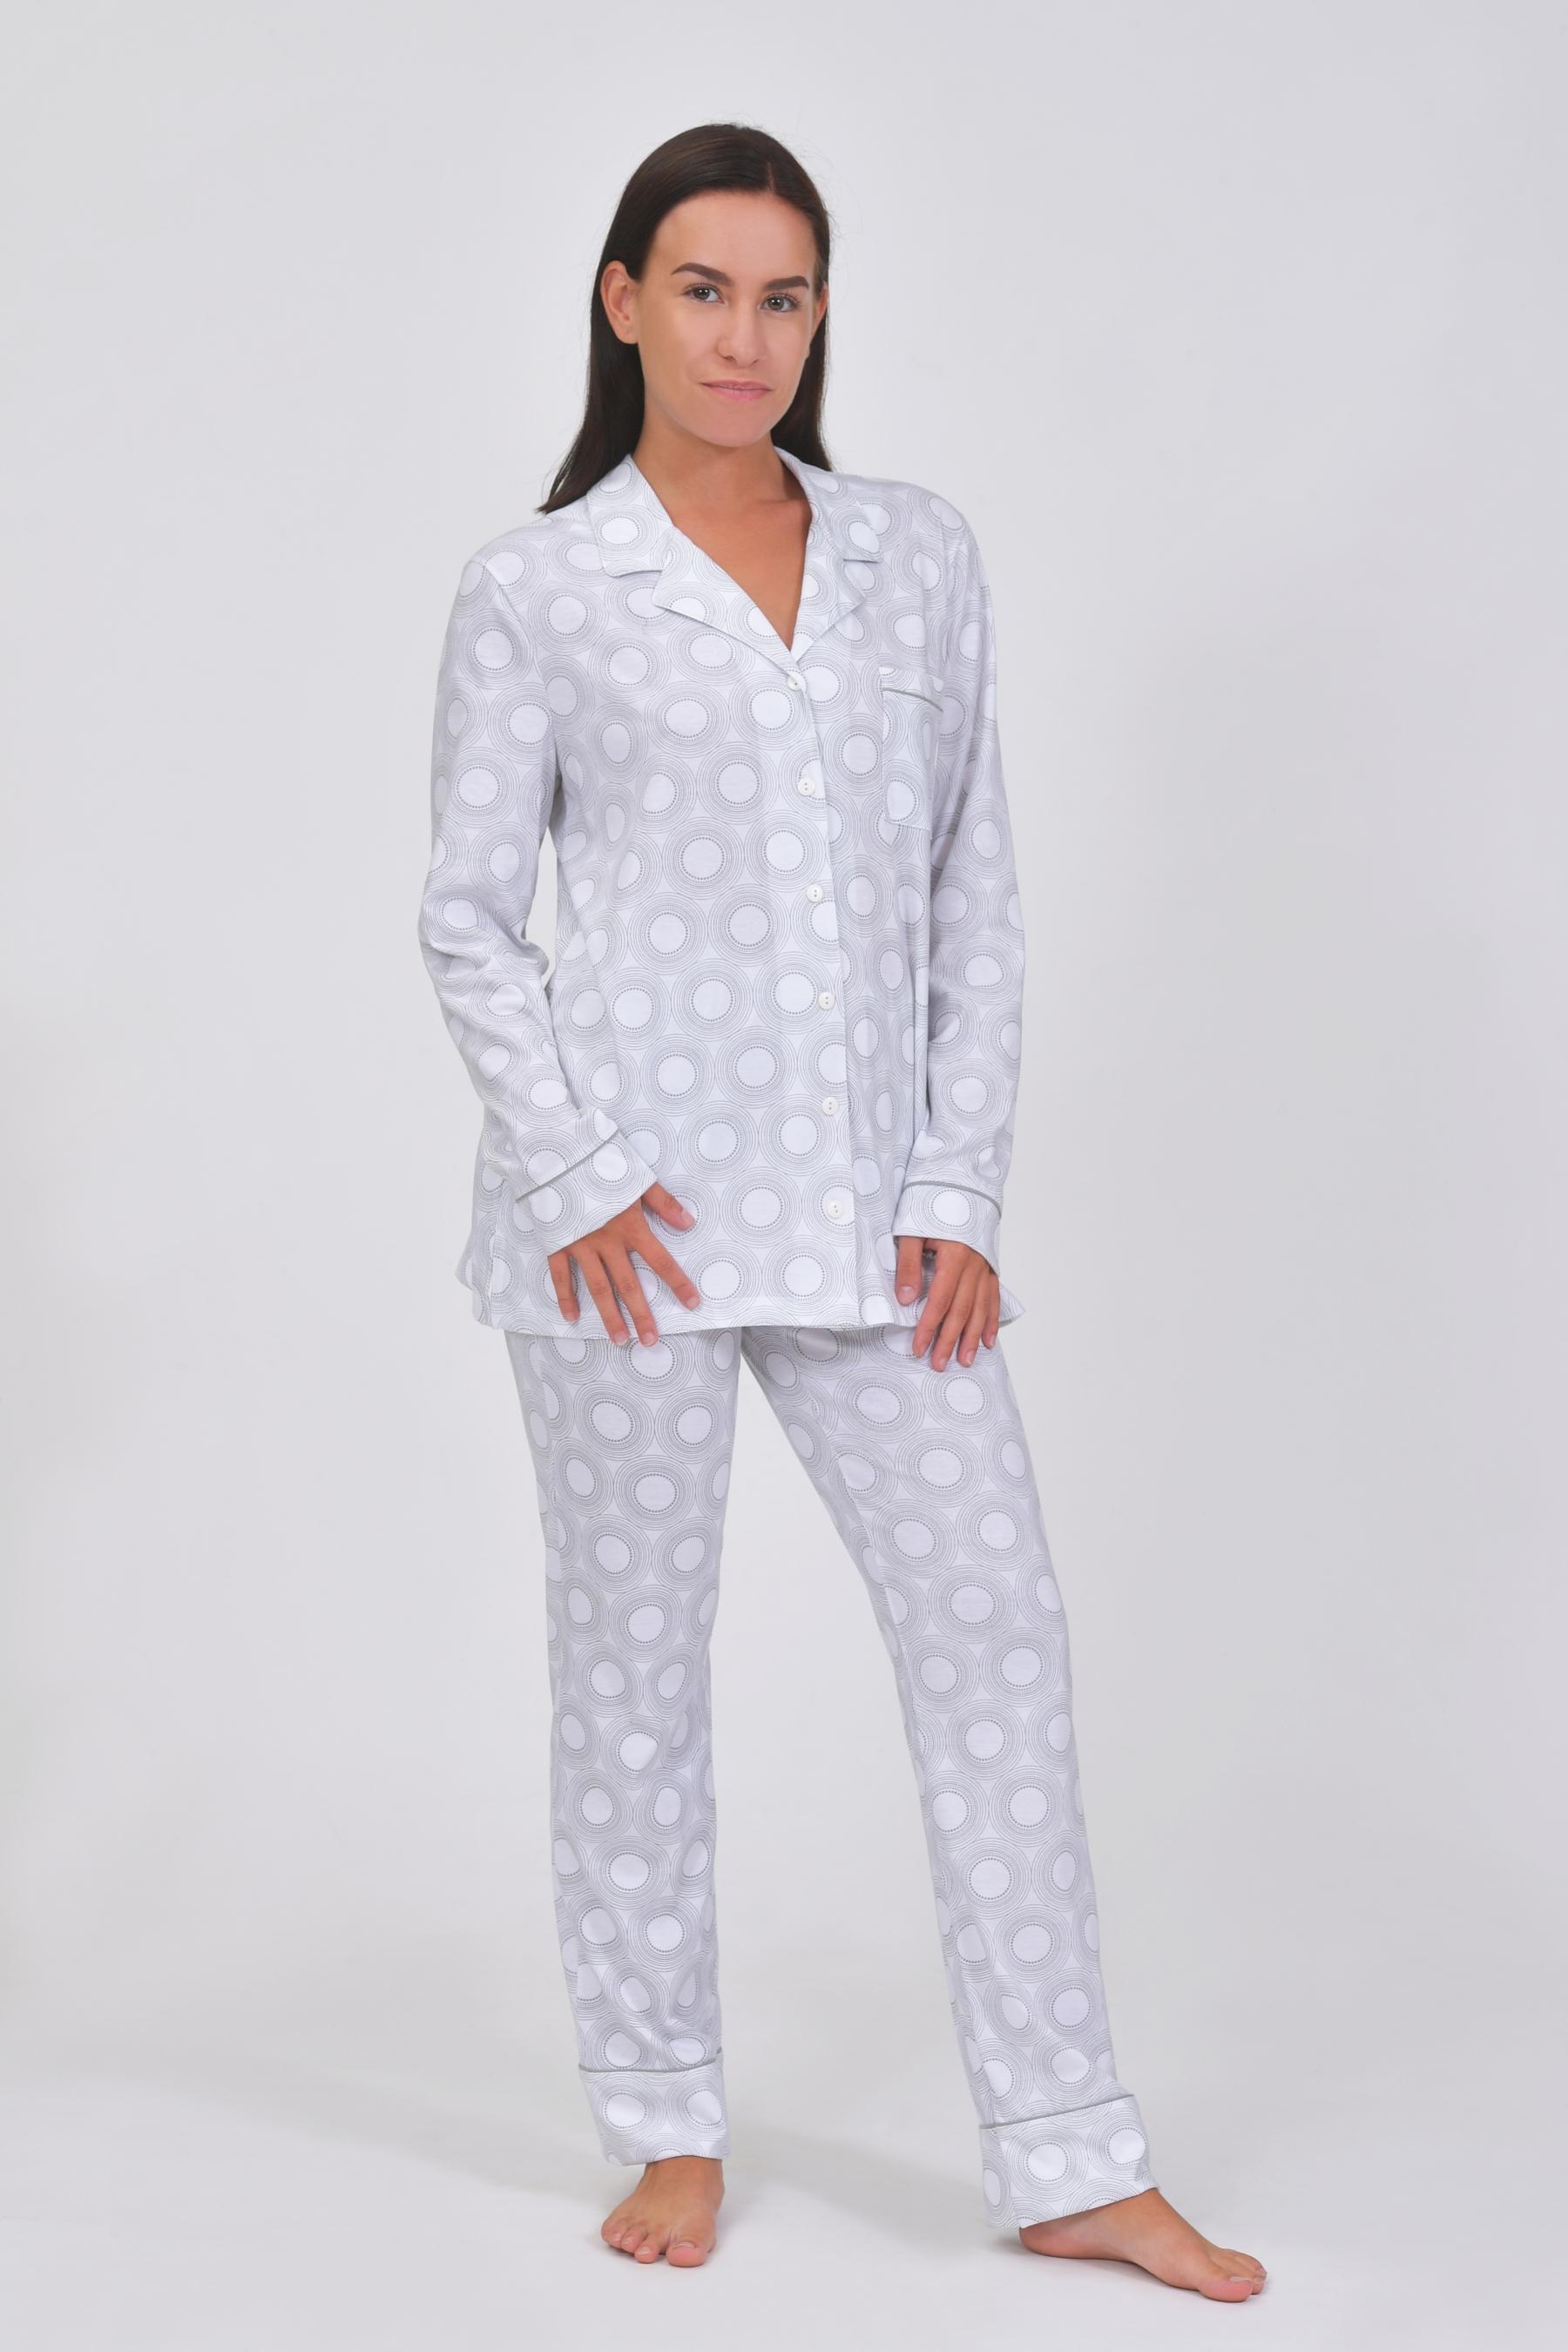 a55a9b568 Dámske pyžamo dlhé - 164514 - € 50,42 - Skladem - Pleas a.s